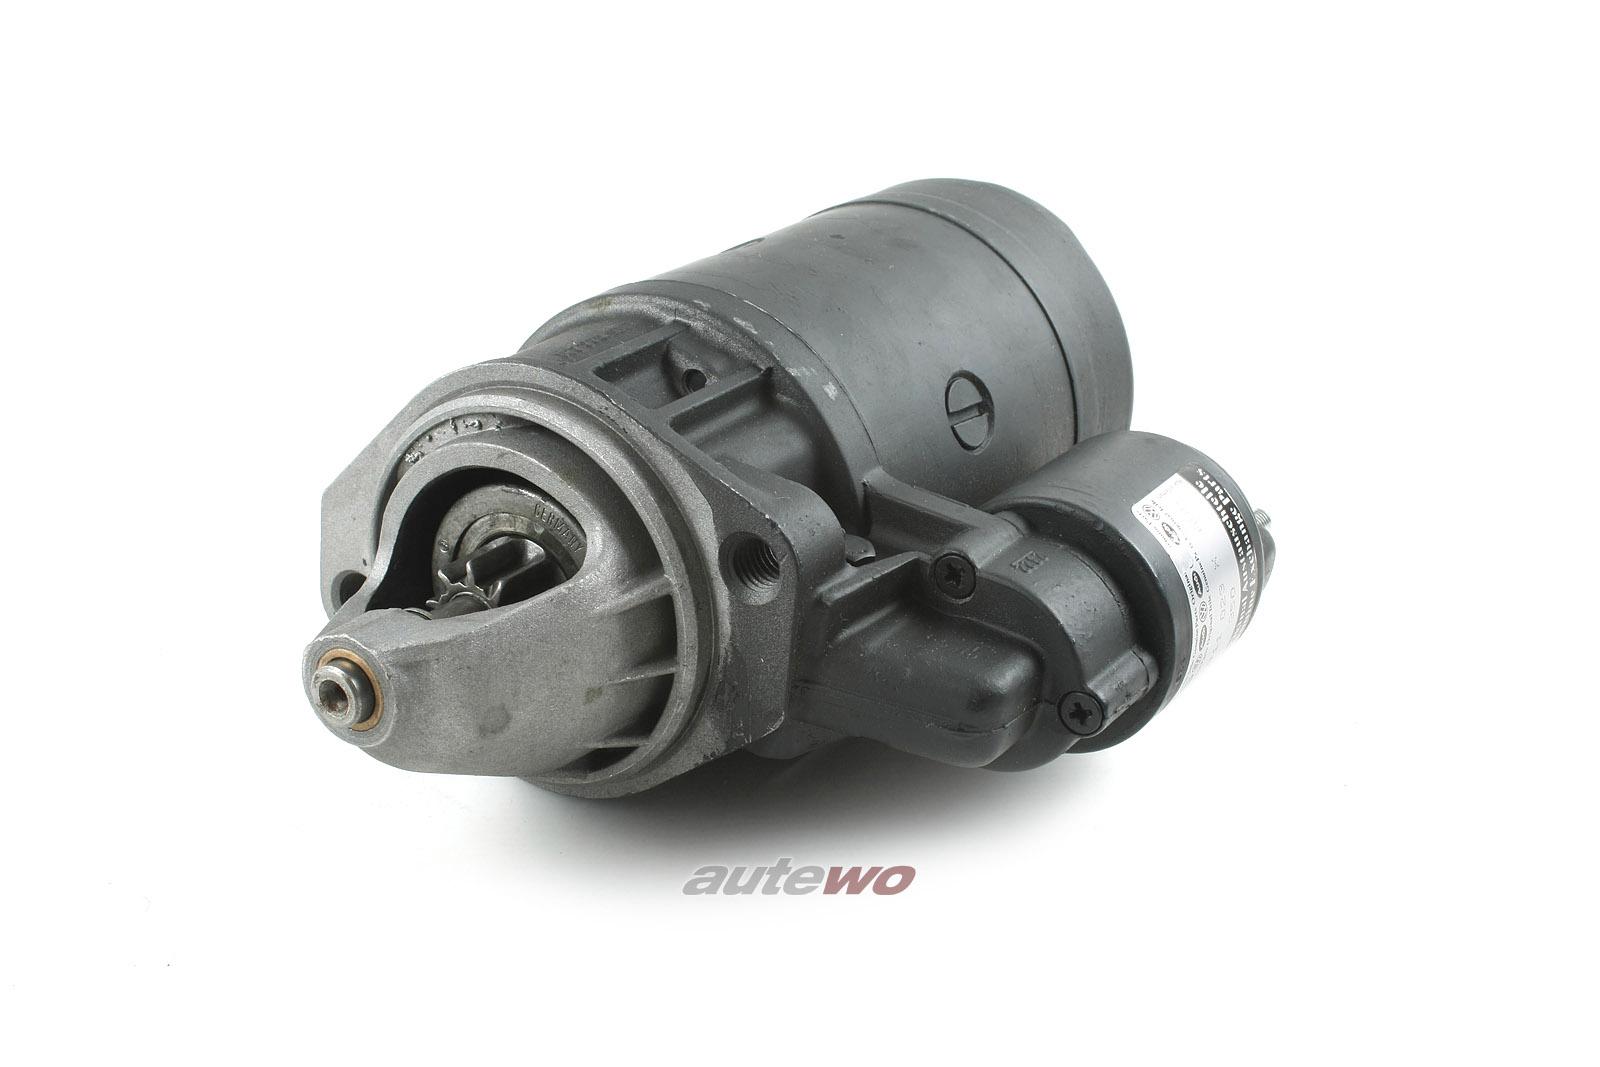 035911023 X NEU Audi 100/200 Typ 43/Urquattro Anlasser/Starter Bosch 001311136